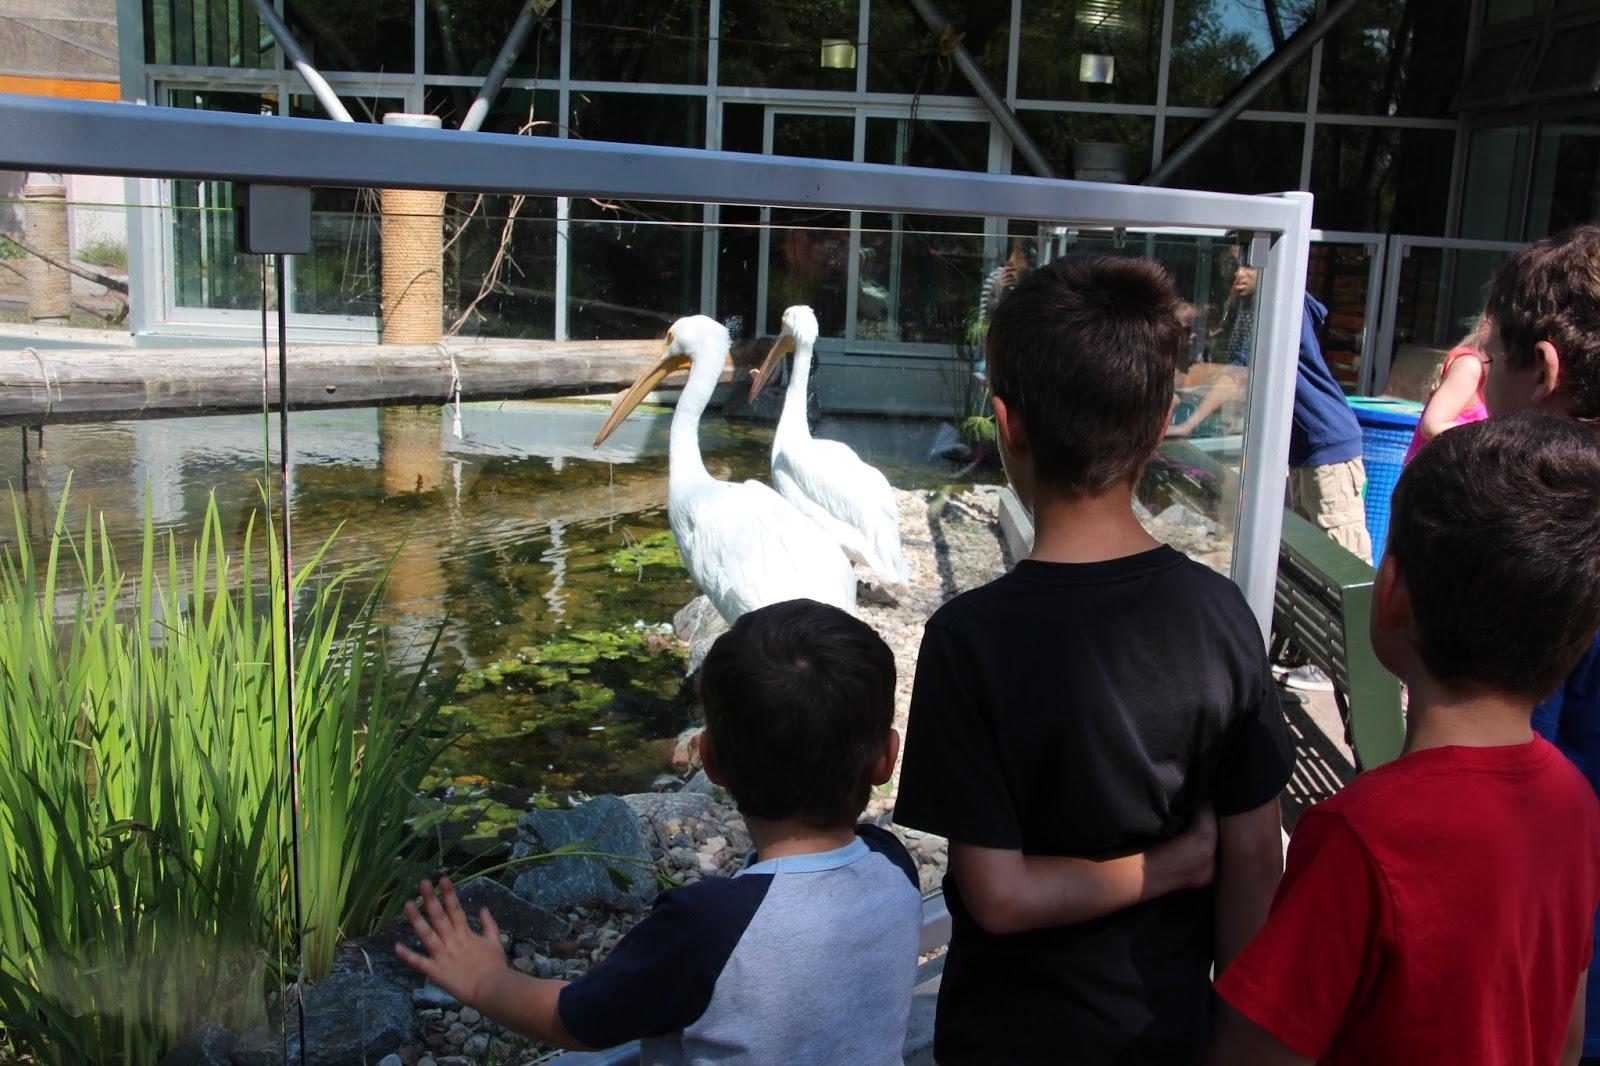 The Bollmans The Edmonton Valley Zoo